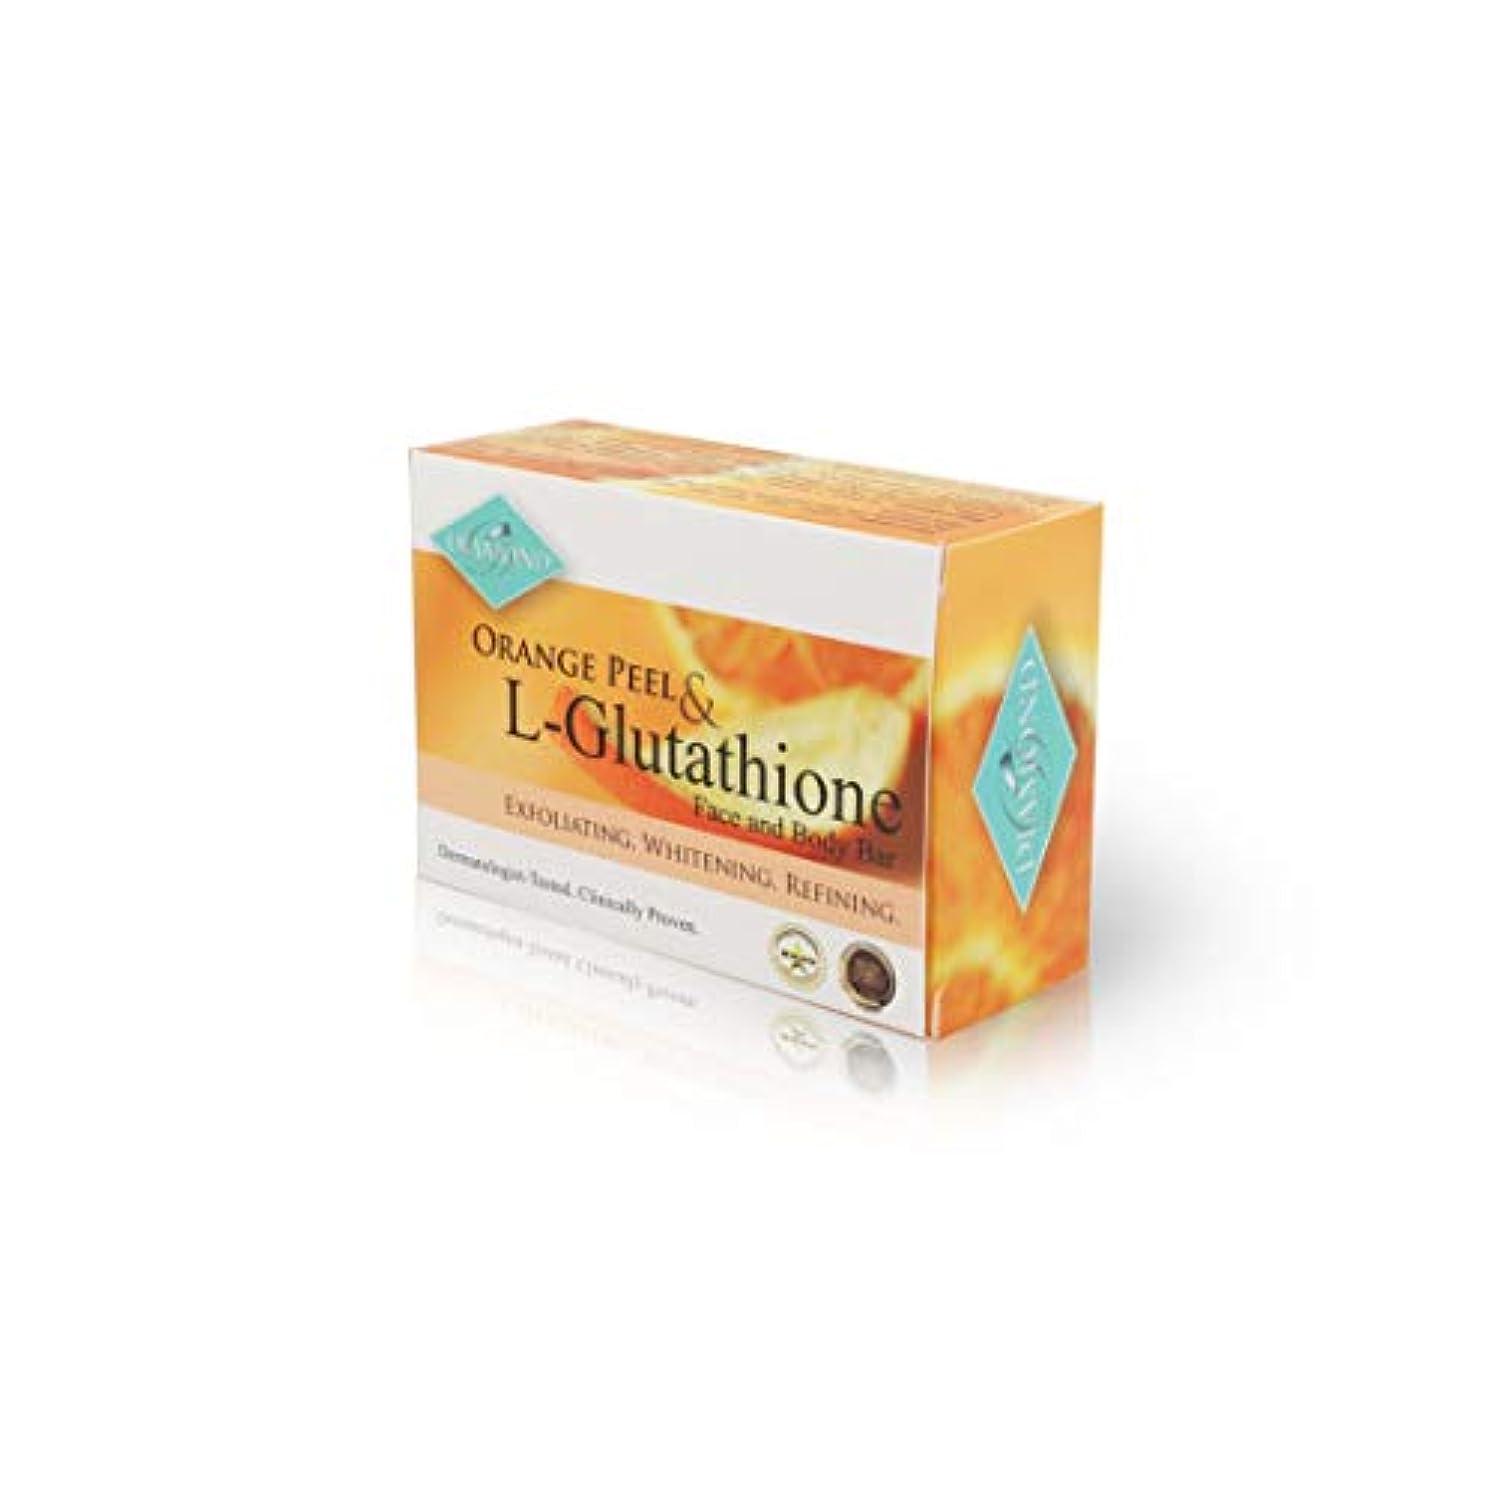 顔料安心させる免疫DIAMOND ORANGE PEEL&Glutathione soap/オレンジピール&グルタチオン配合ソープ(美容石けん) 150g 正規輸入品